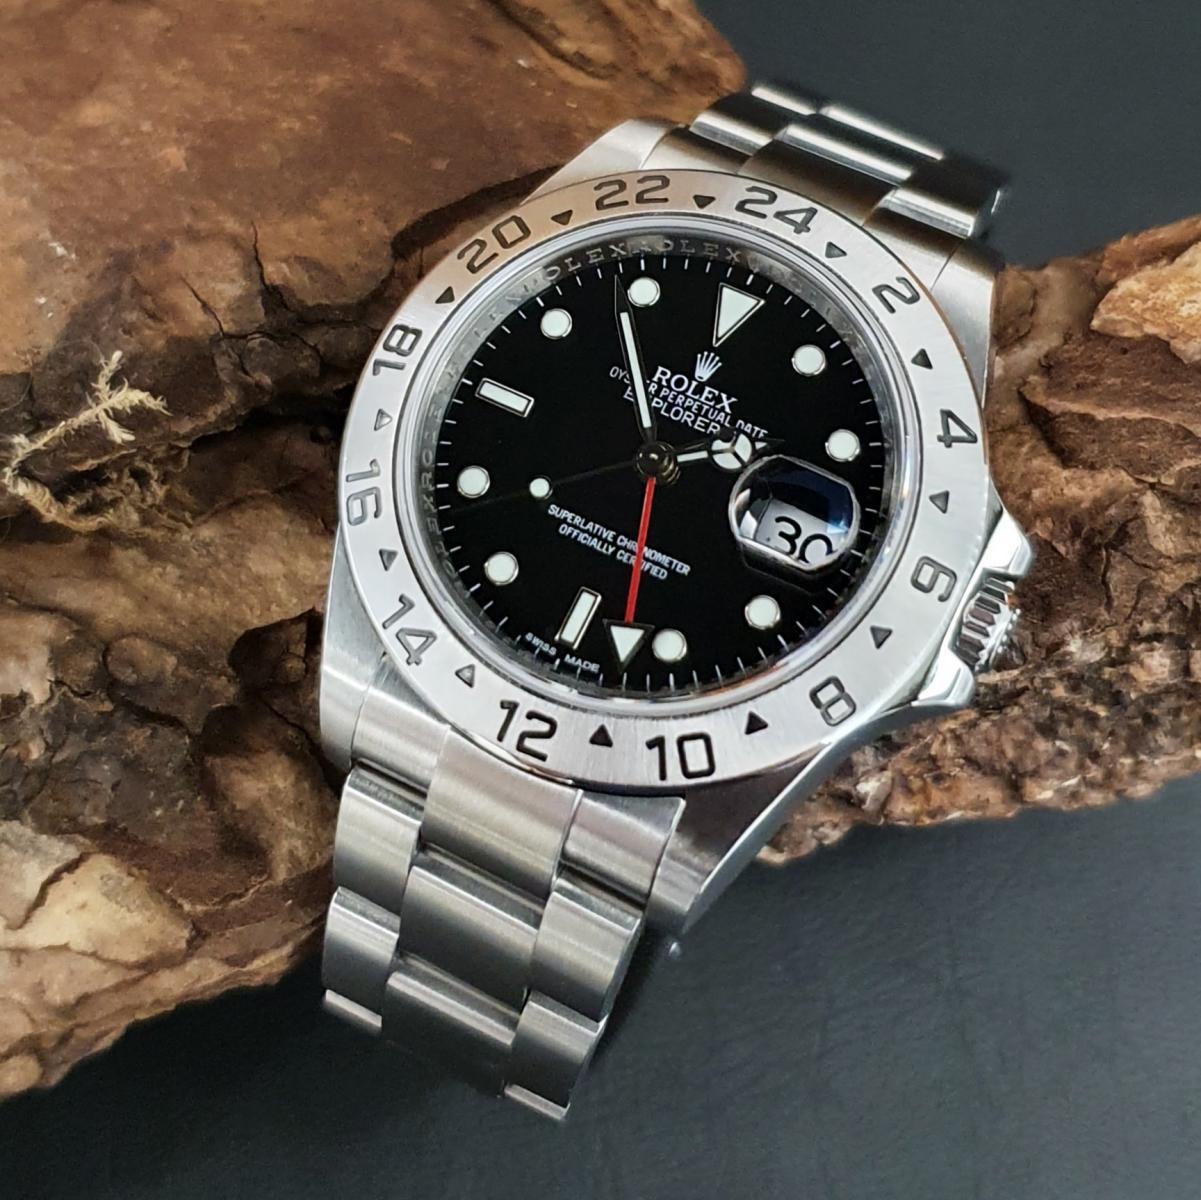 Rolex Explorer II FULL SET V-SERIE 2010 REHAUT SERVICE Ref. 16570